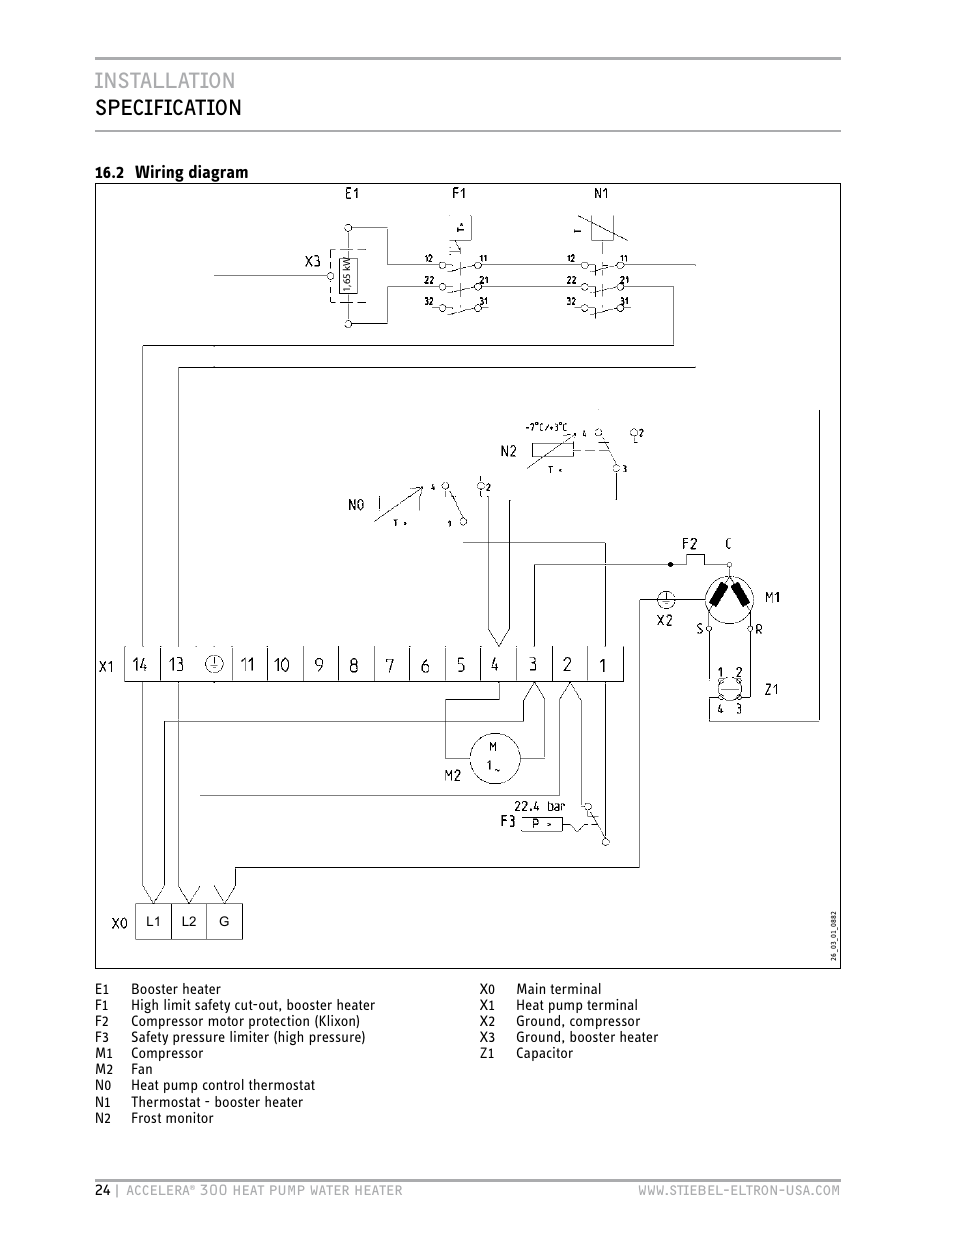 Stiebel Eltron Wiring Diagram